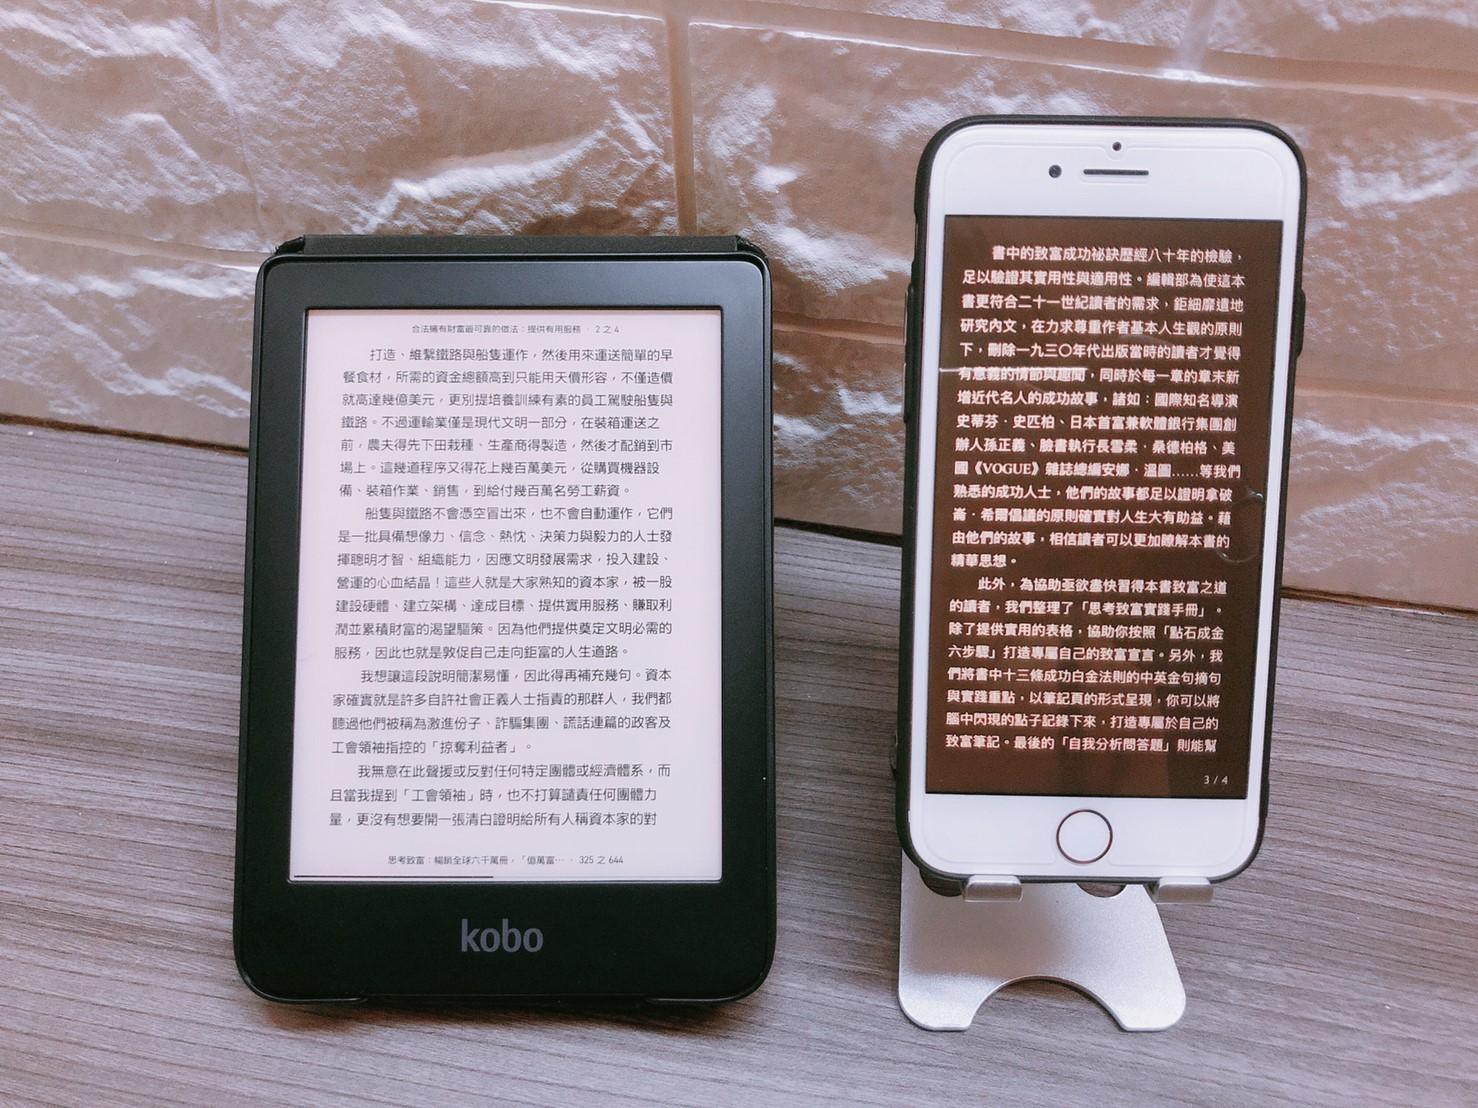 電子書閱讀器 kobo 反光比較